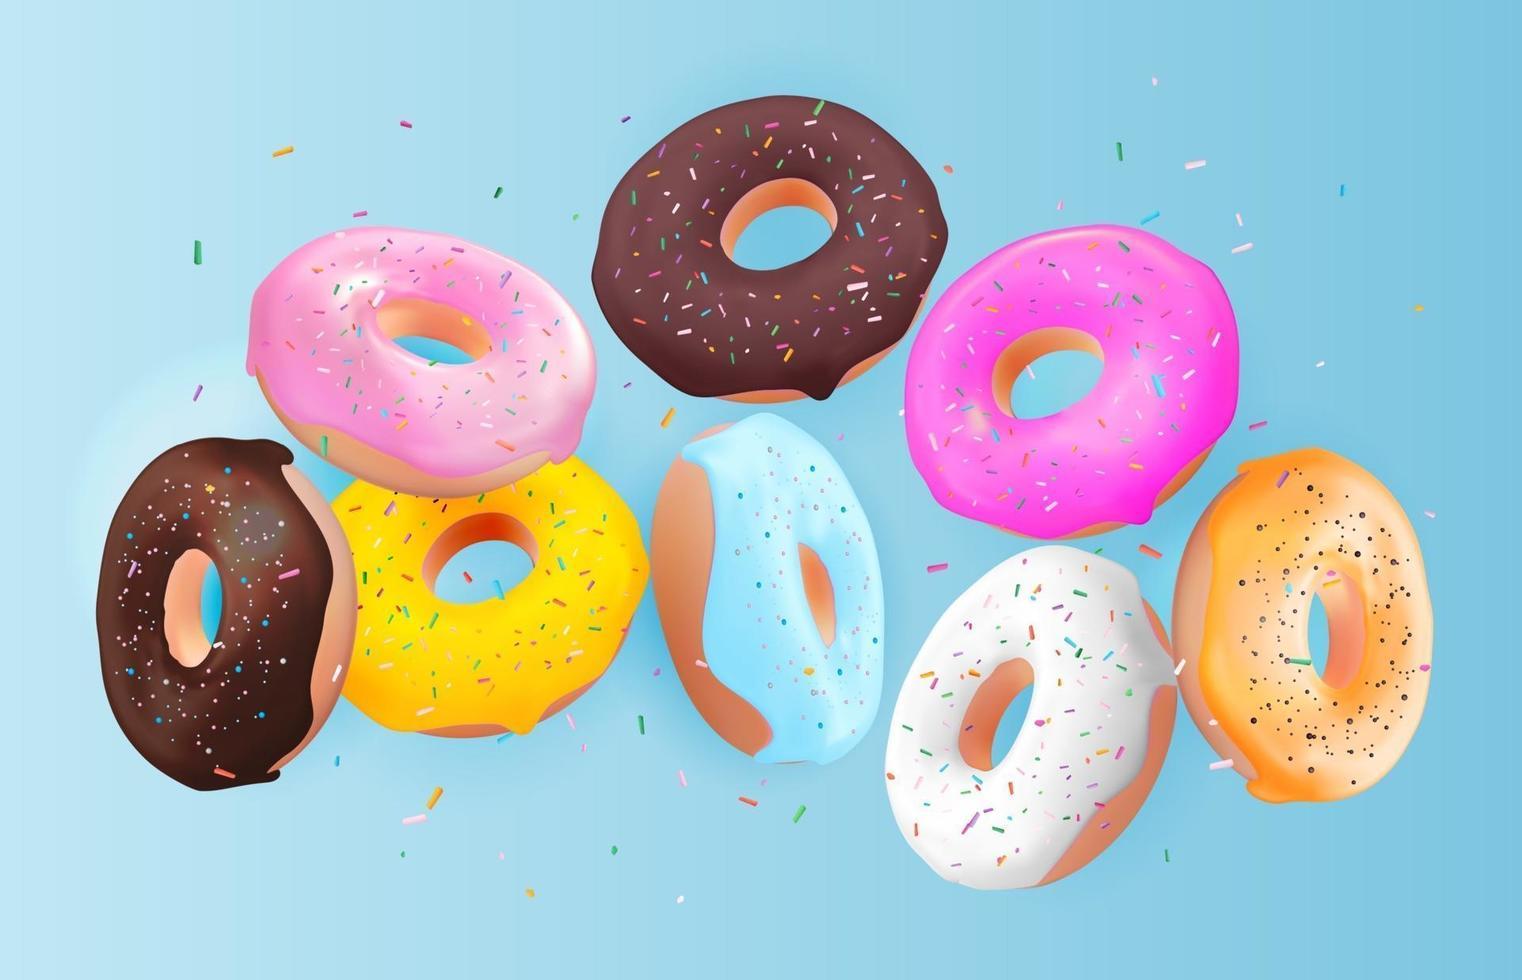 realistische 3d zoete smakelijke donut achtergrond. kan worden gebruikt voor dessertmenu, poster, kaart. vector illustratie